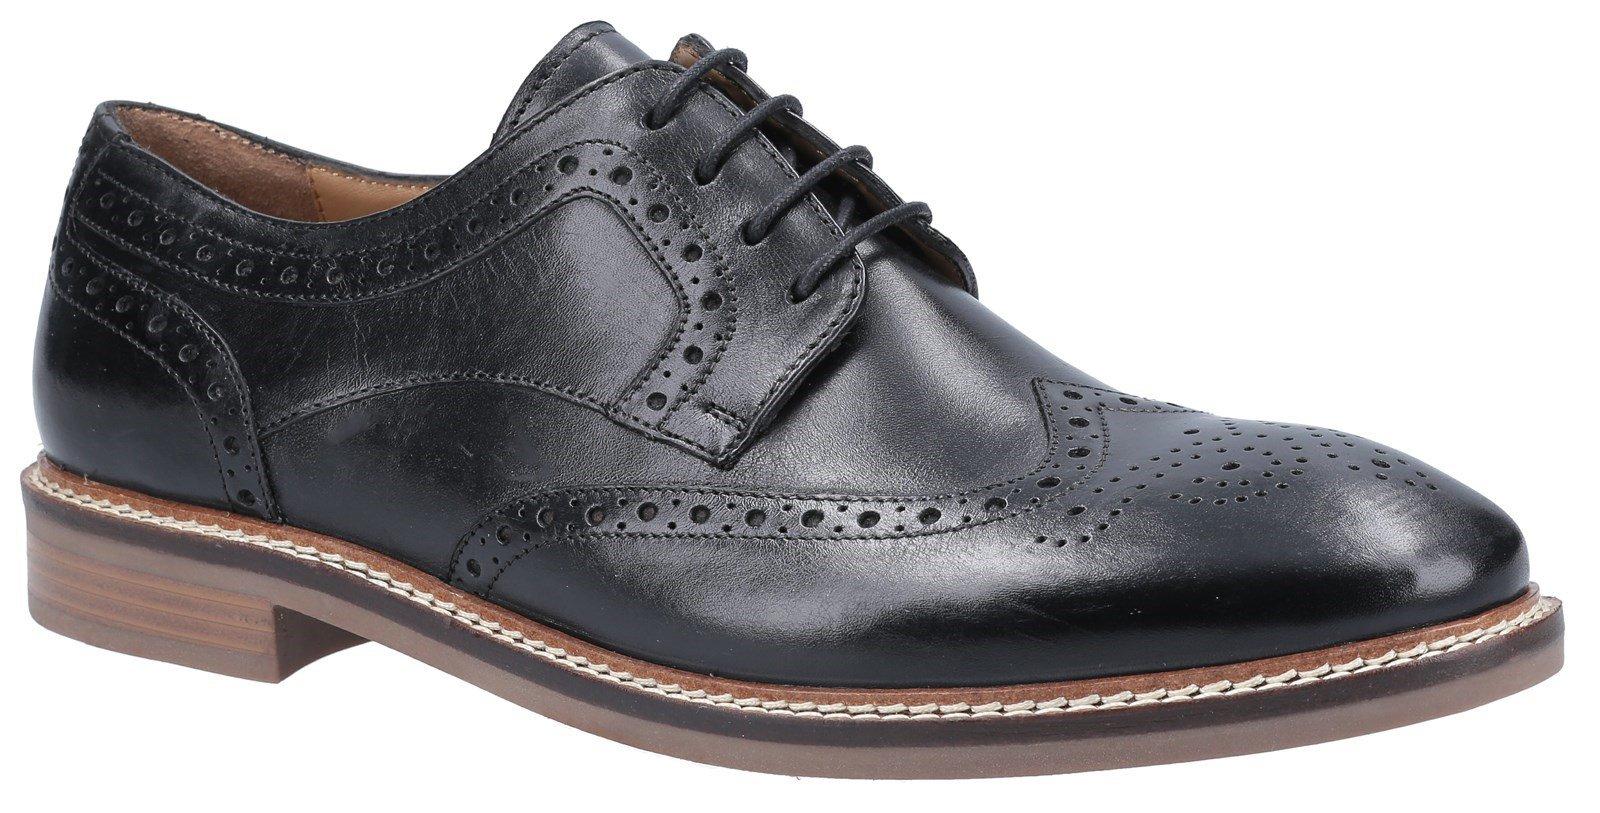 Hush Puppies Men's Bryson Lace Brogue Shoes Various Colours 31280 - Black 6